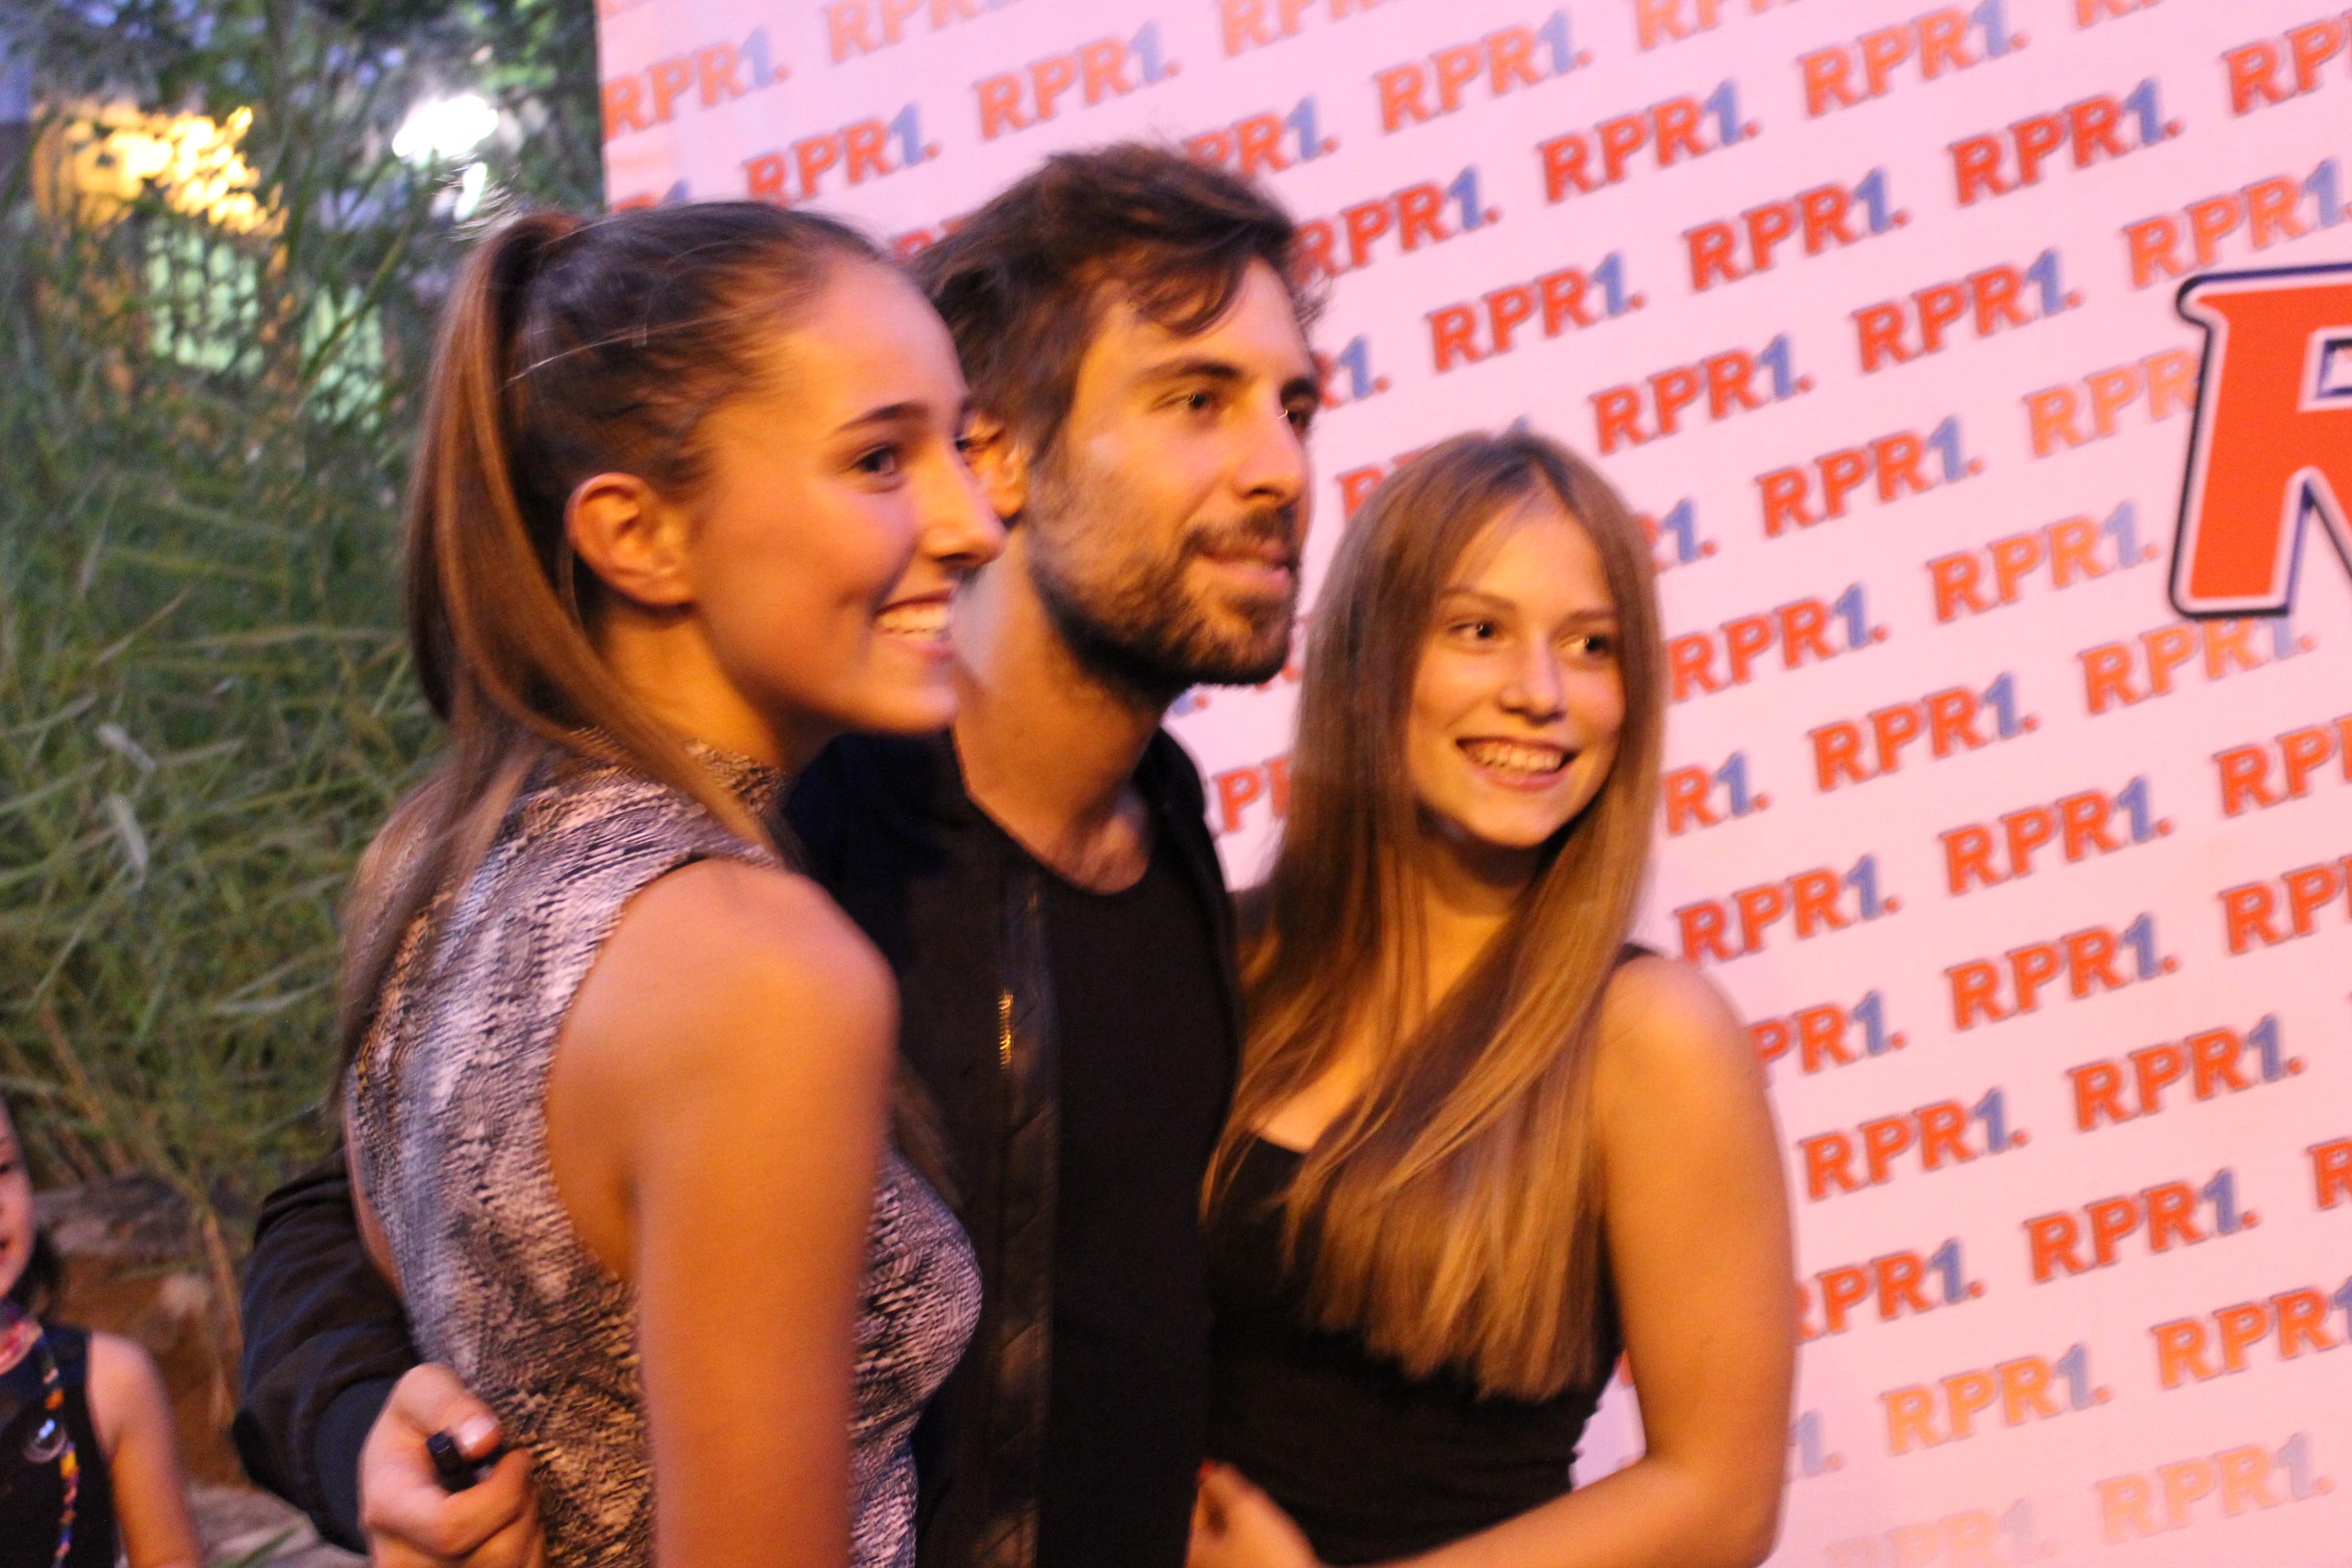 RPR1 Wohnzimmerkonzert Mit Max Giesinger